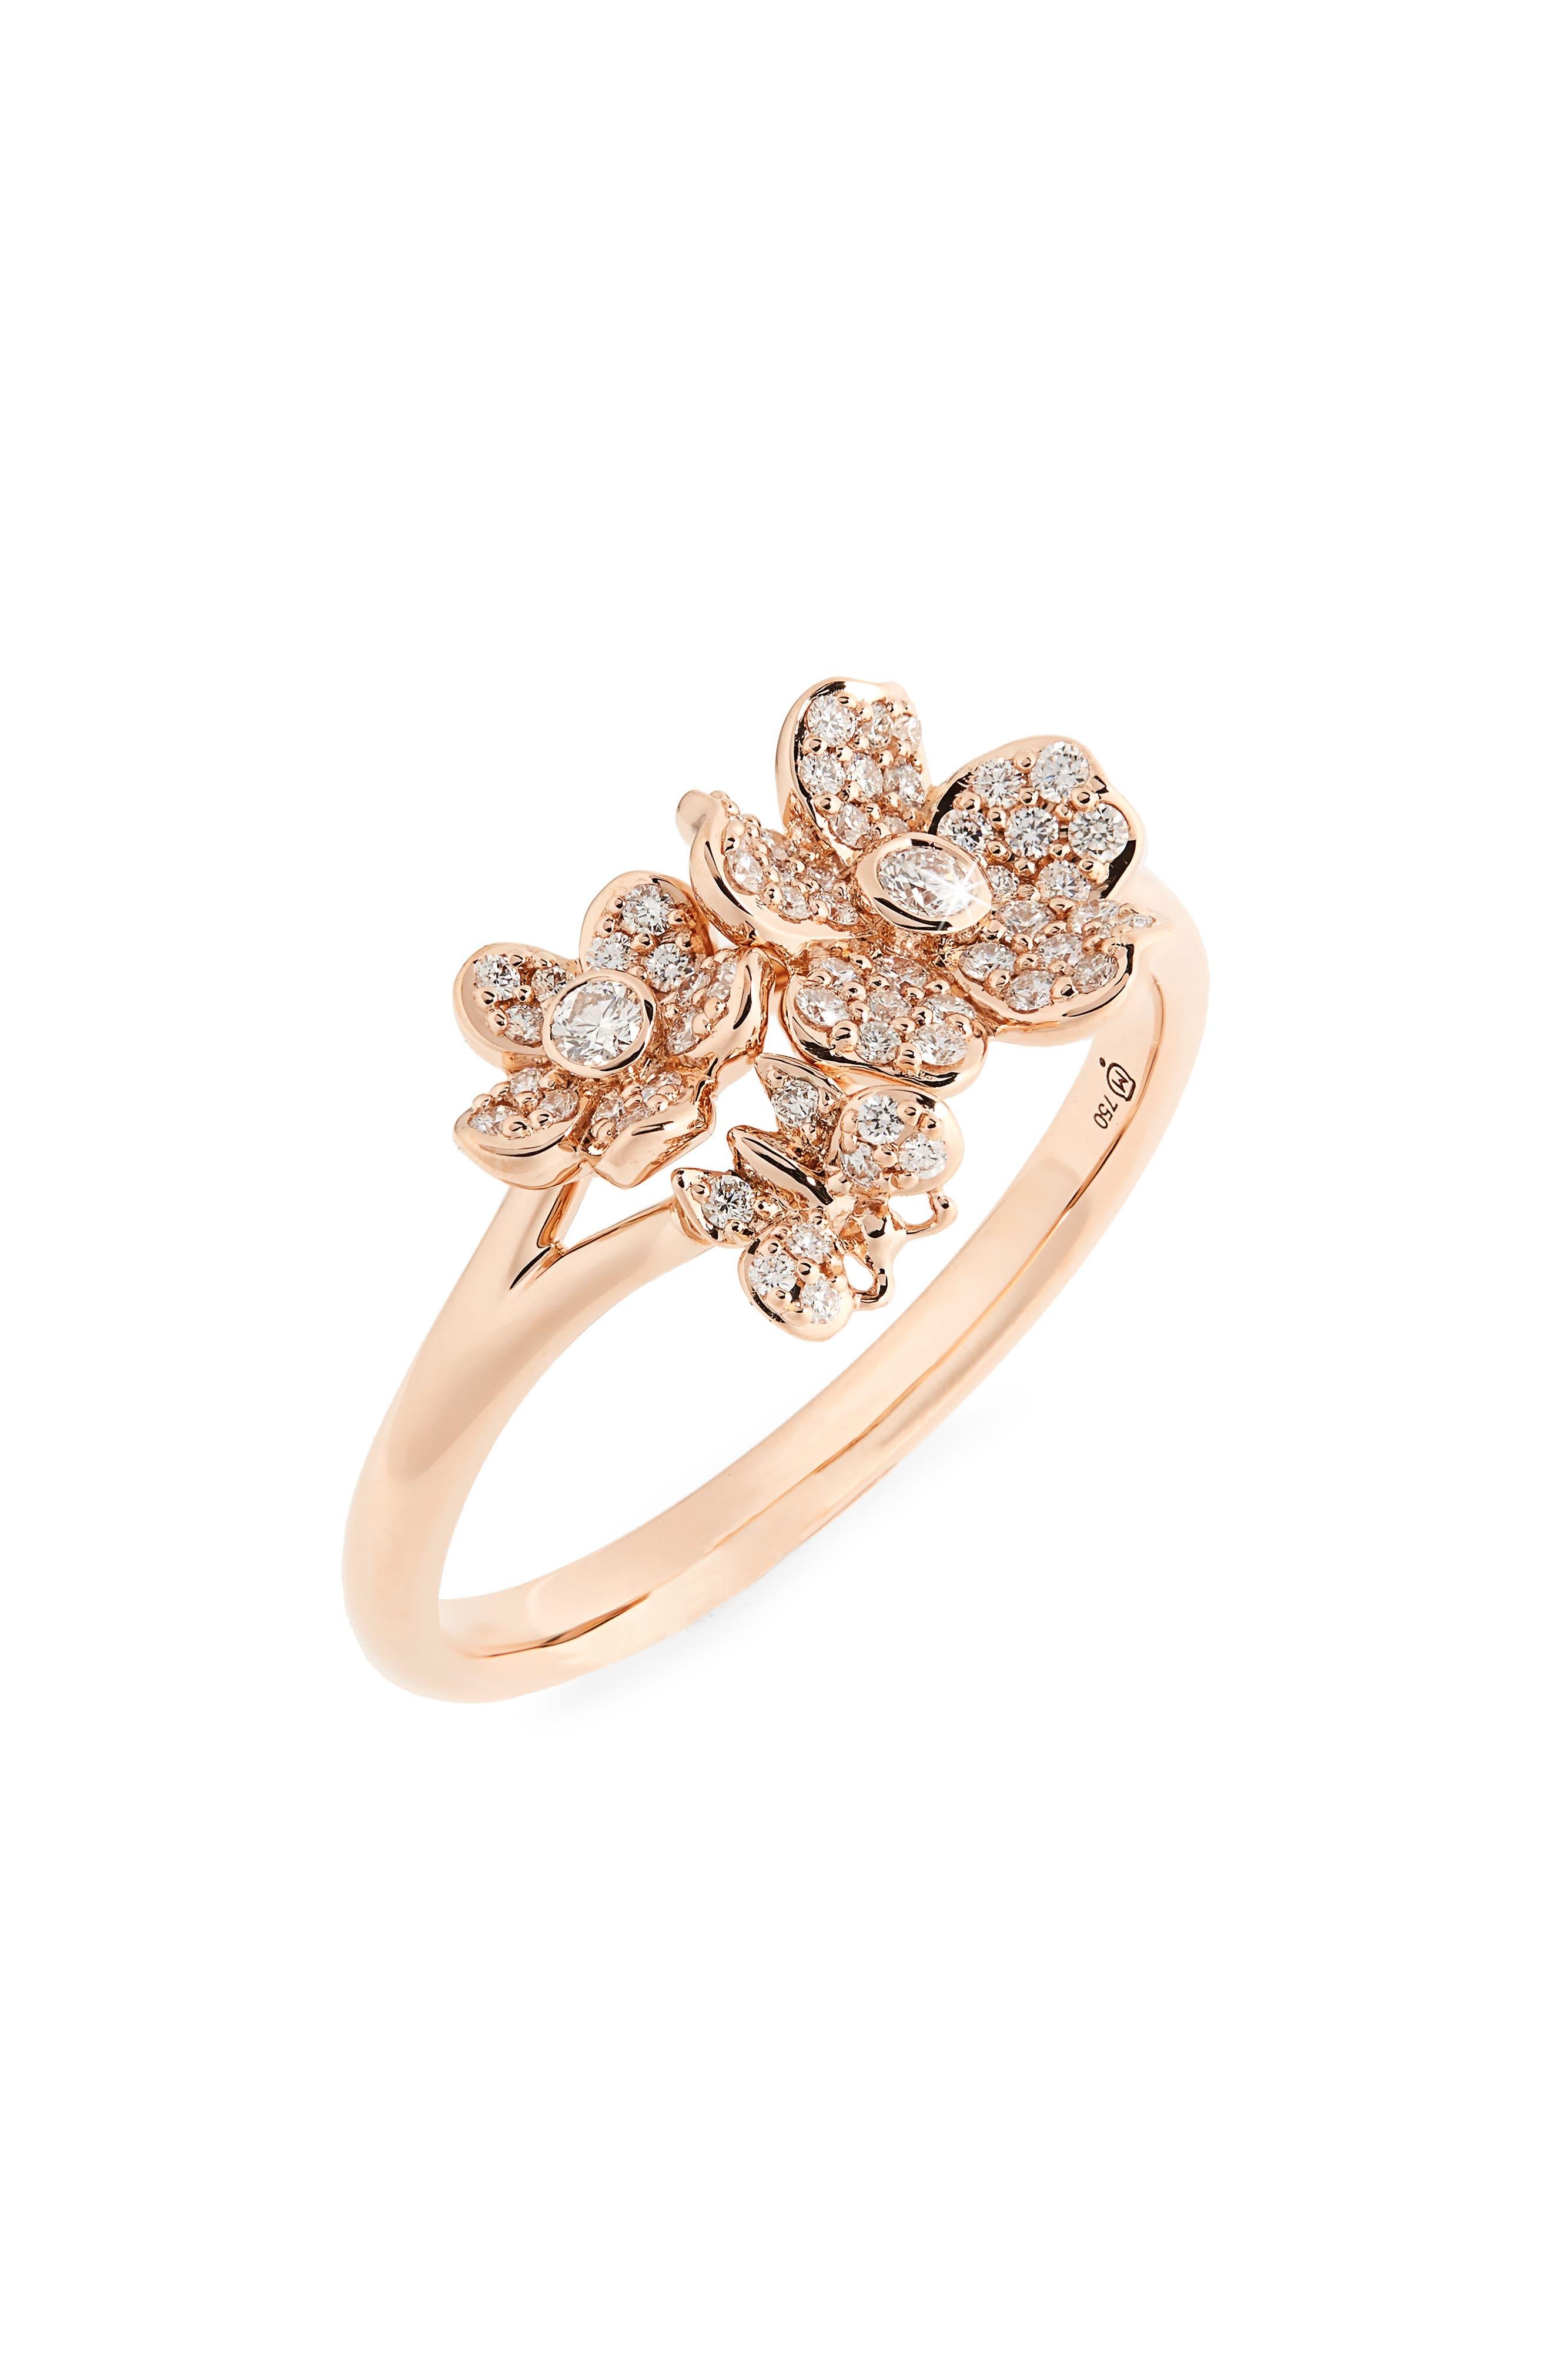 DIAMOND FLOWER RING